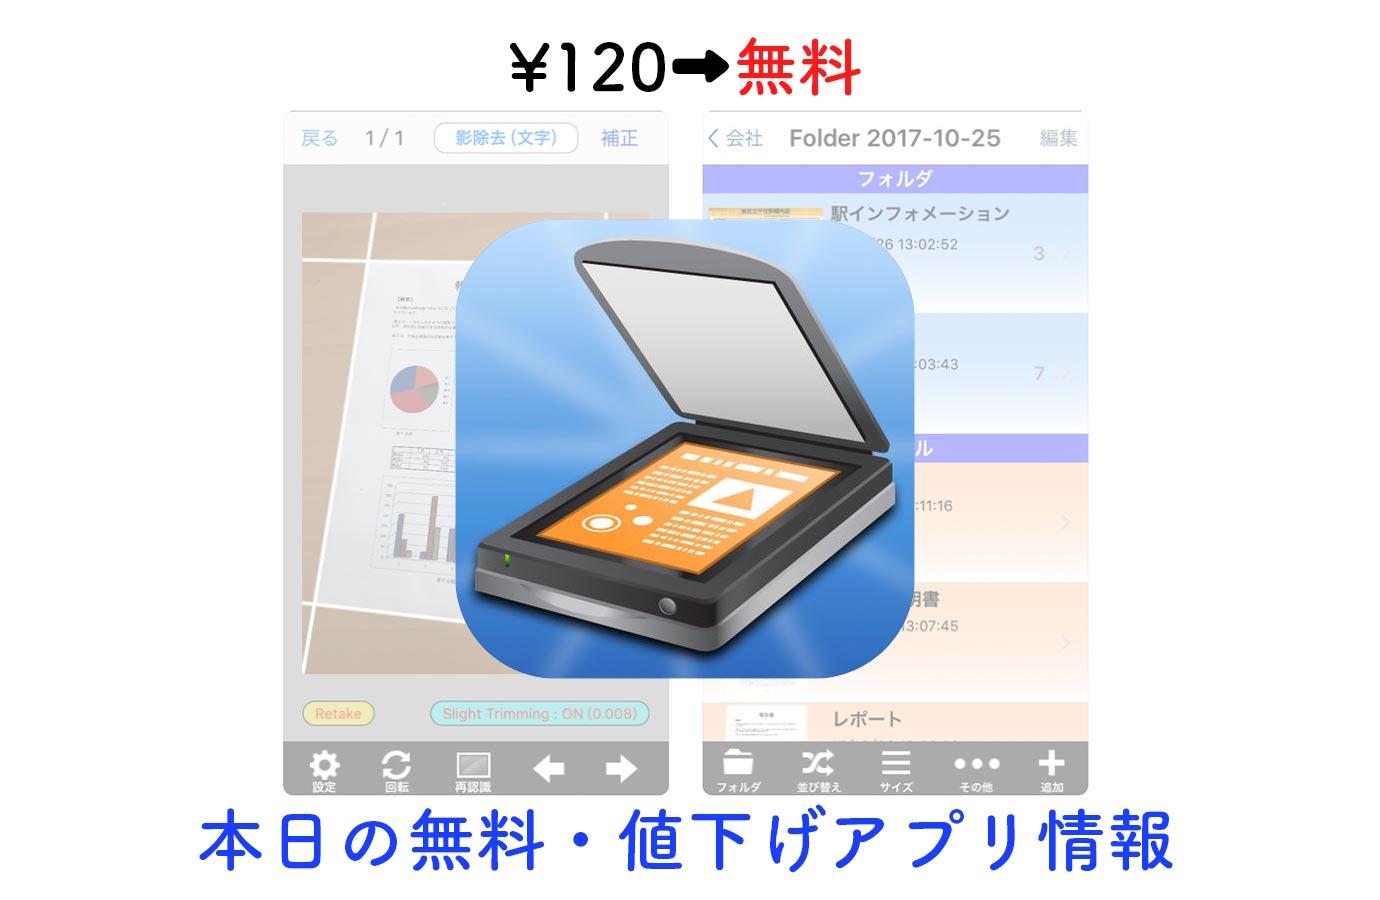 ¥120→無料、多機能スキャナアプリ「RectAce スキャナ」など【2/17】本日の無料・値下げアプリ情報